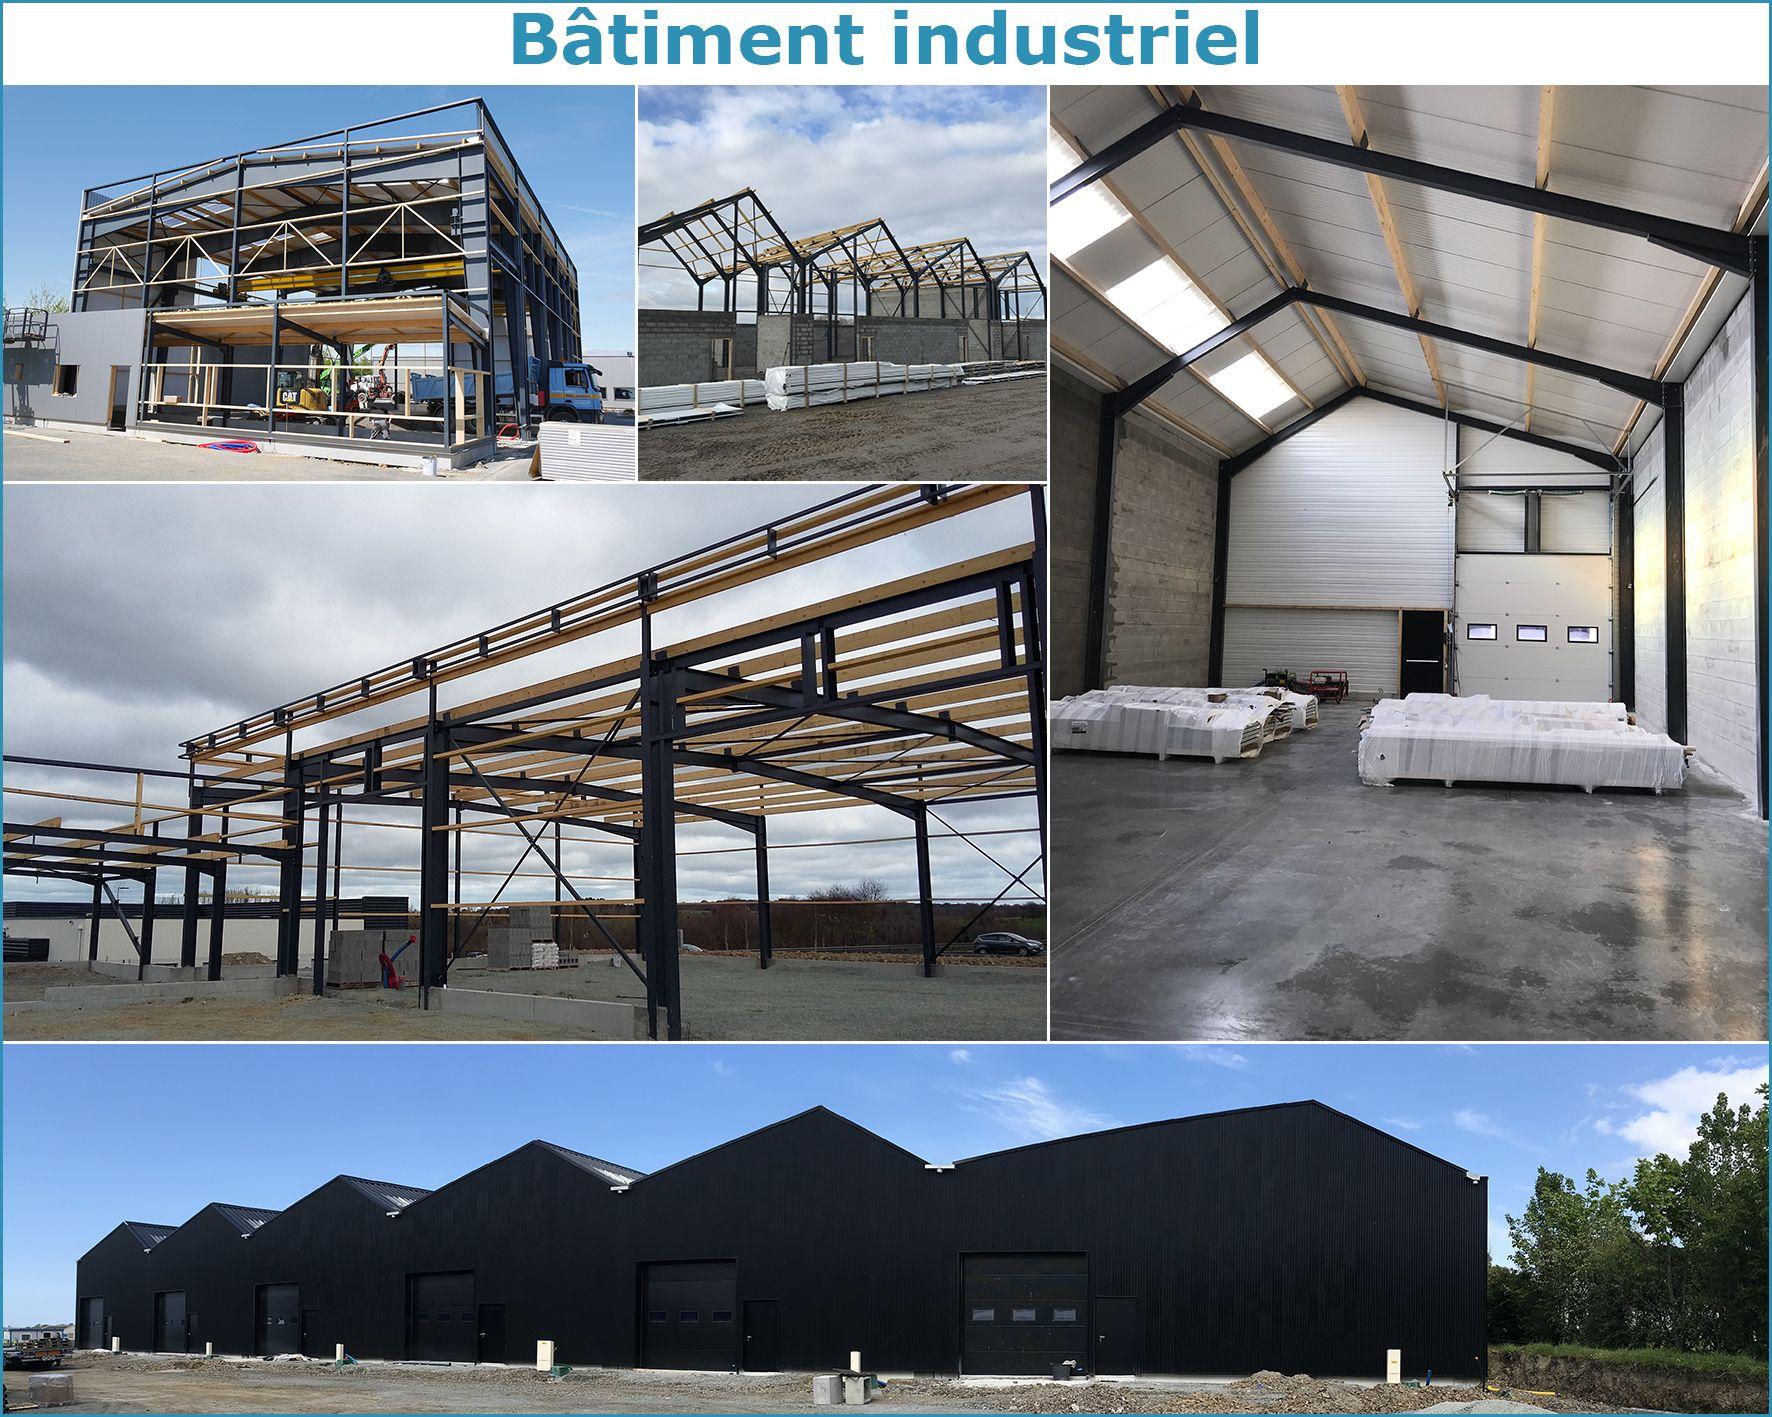 Batiment industriel